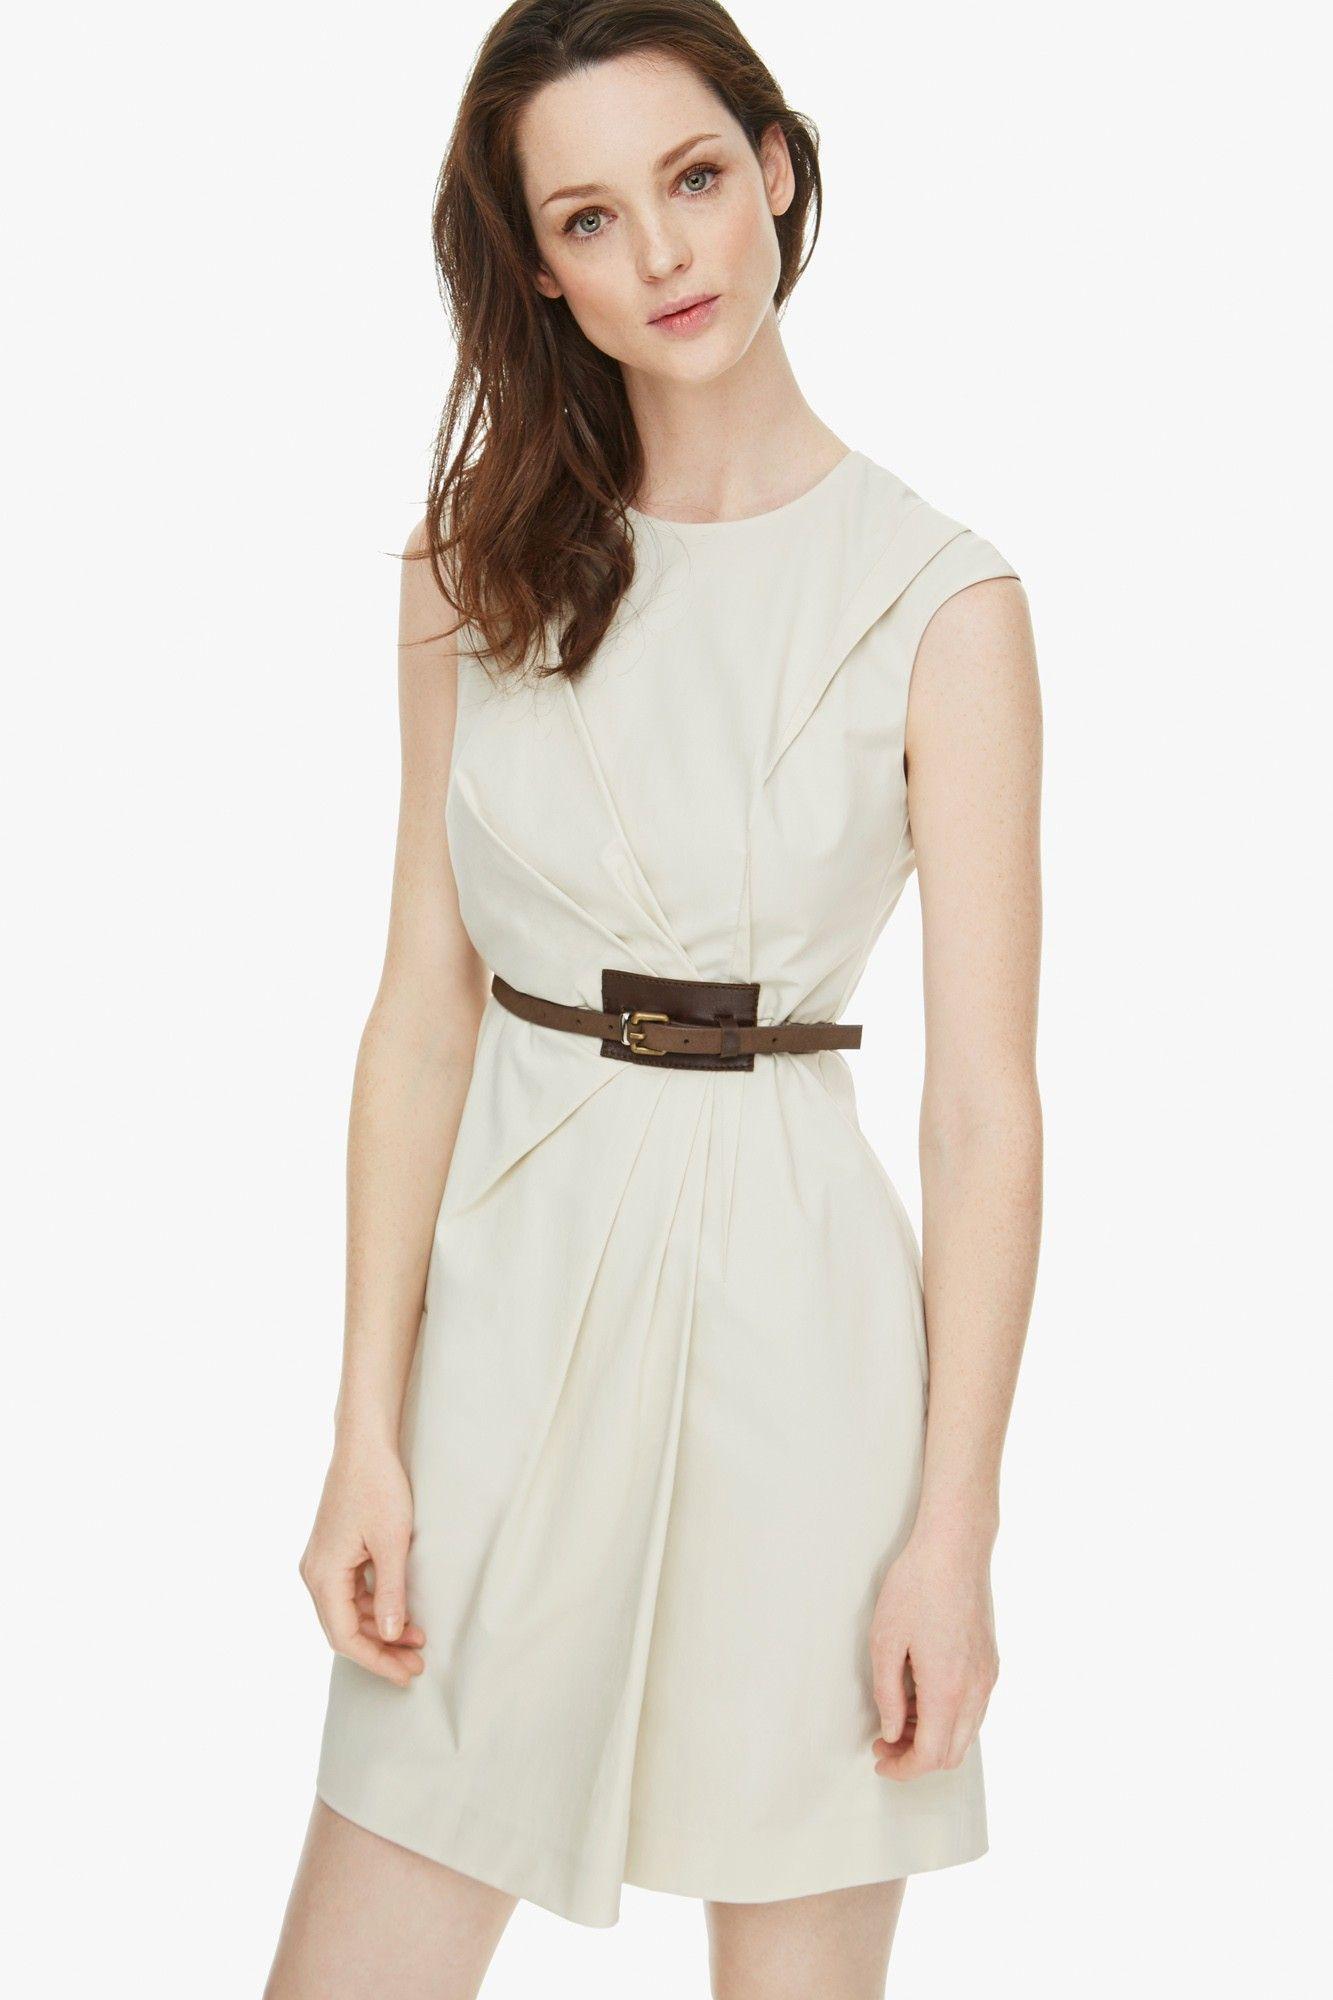 Vestido frunce gabardina vestidos adolfo dominguez for Vestidos adolfo dominguez outlet online